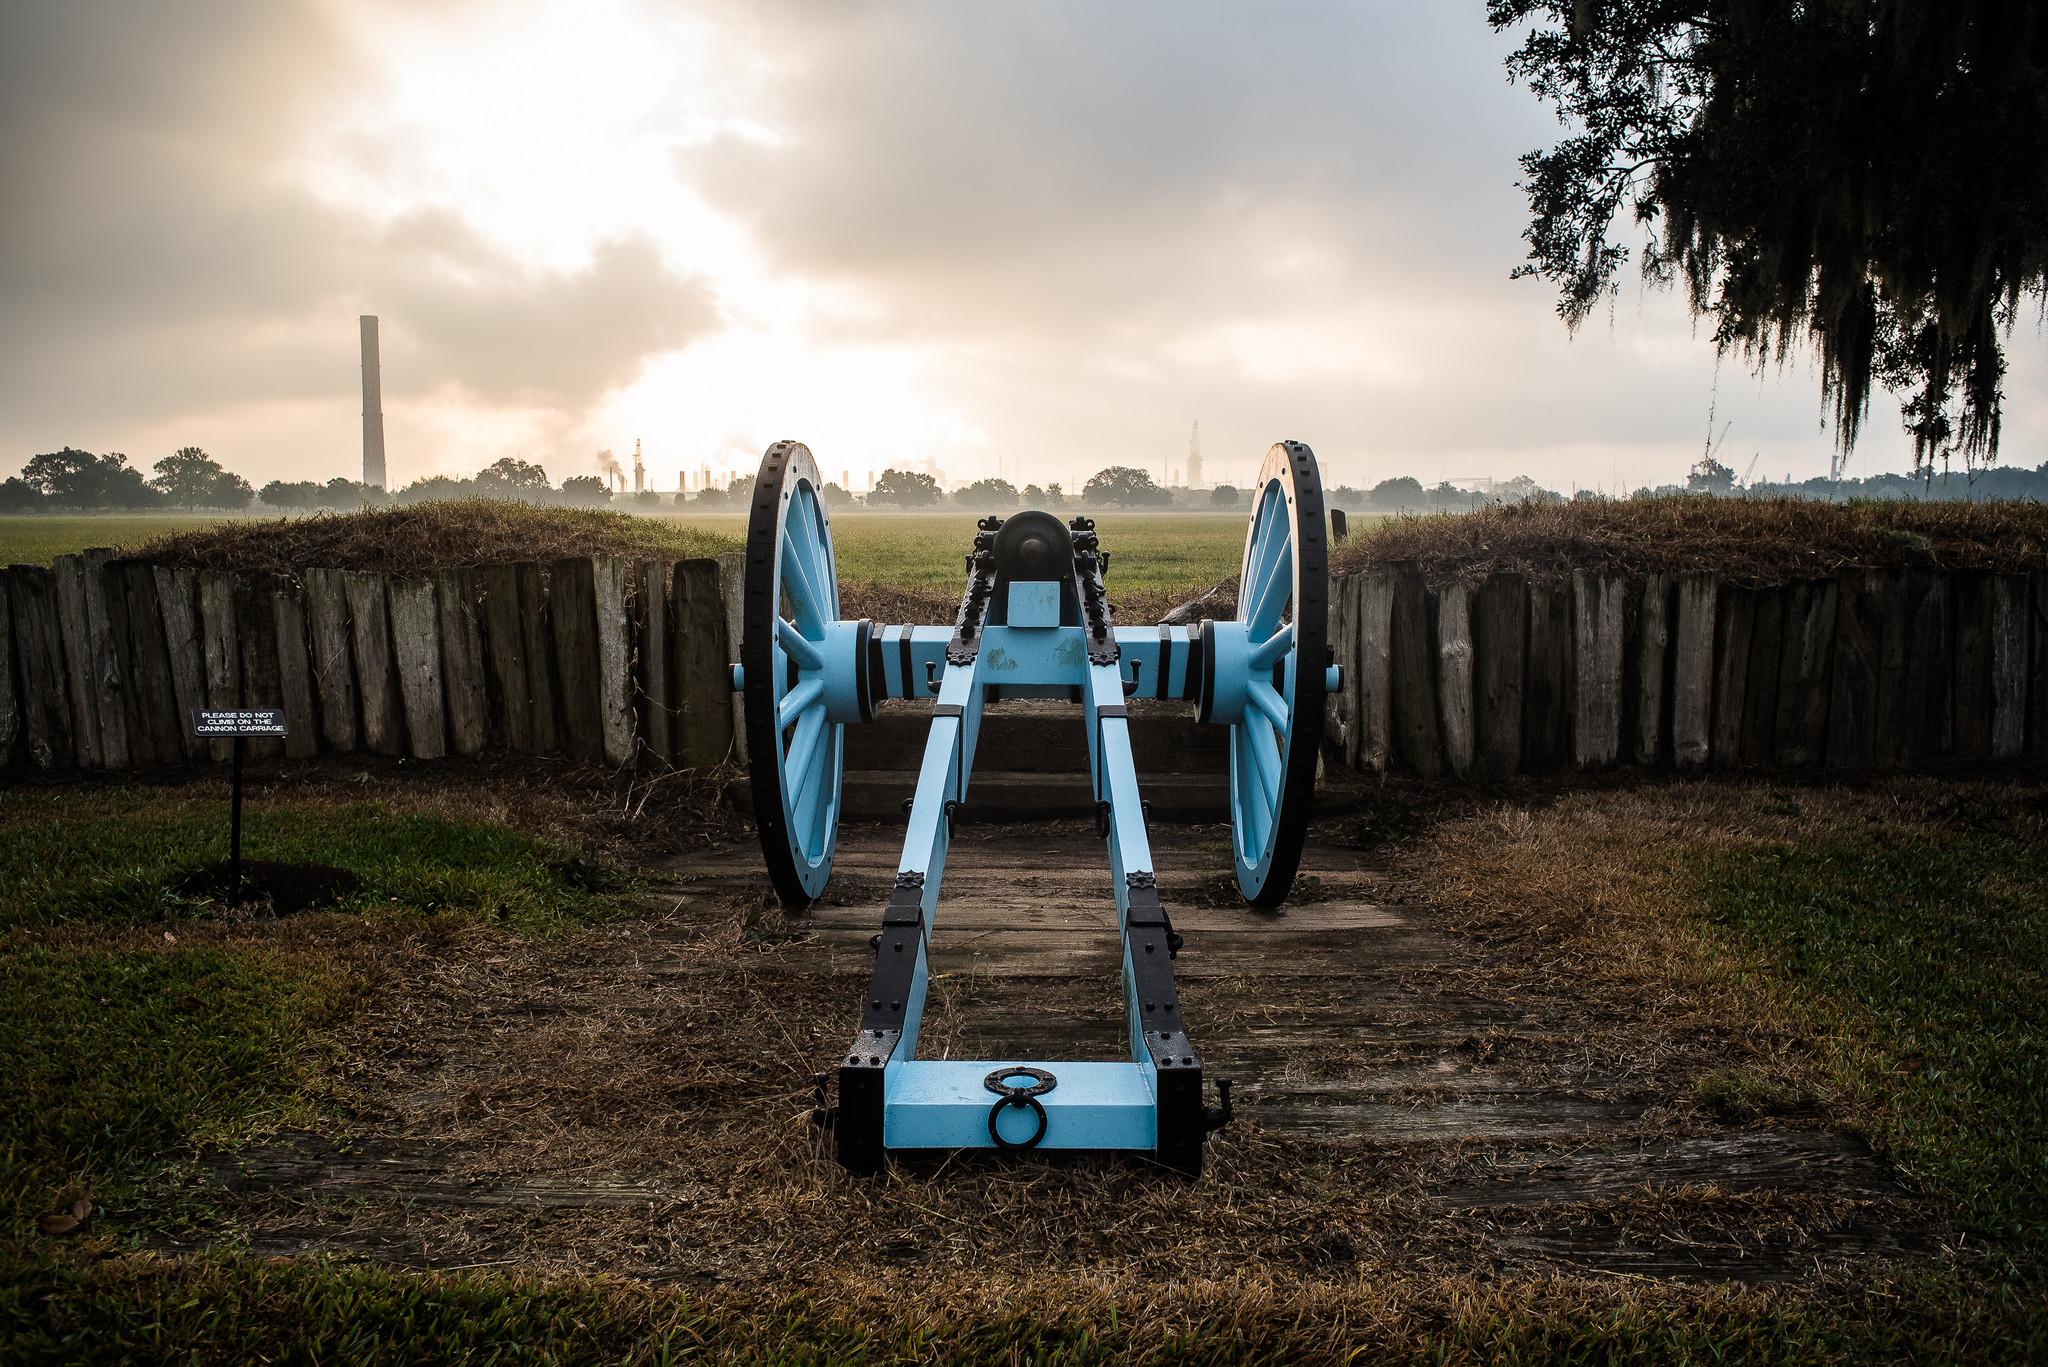 Politics_X_Saucony_Courageous_Cannon_Sky_Blue_Battle_of_New_Orleans_3-5